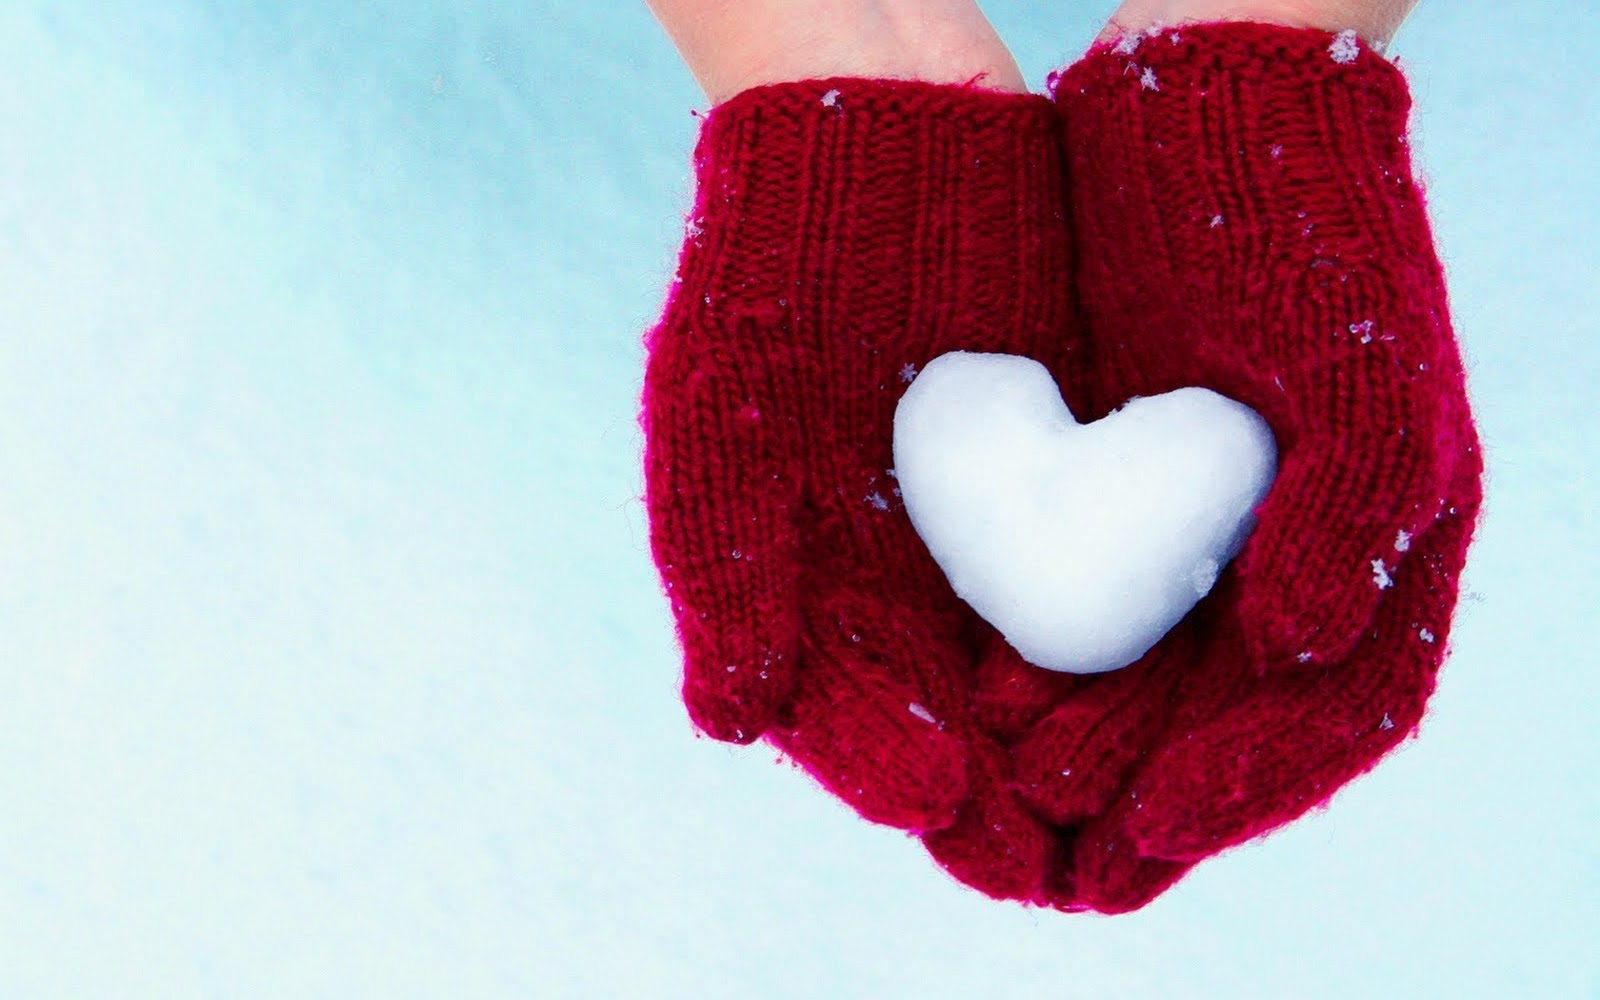 88 gambar cinta hati love romantis - Love f wallpaper hd download ...